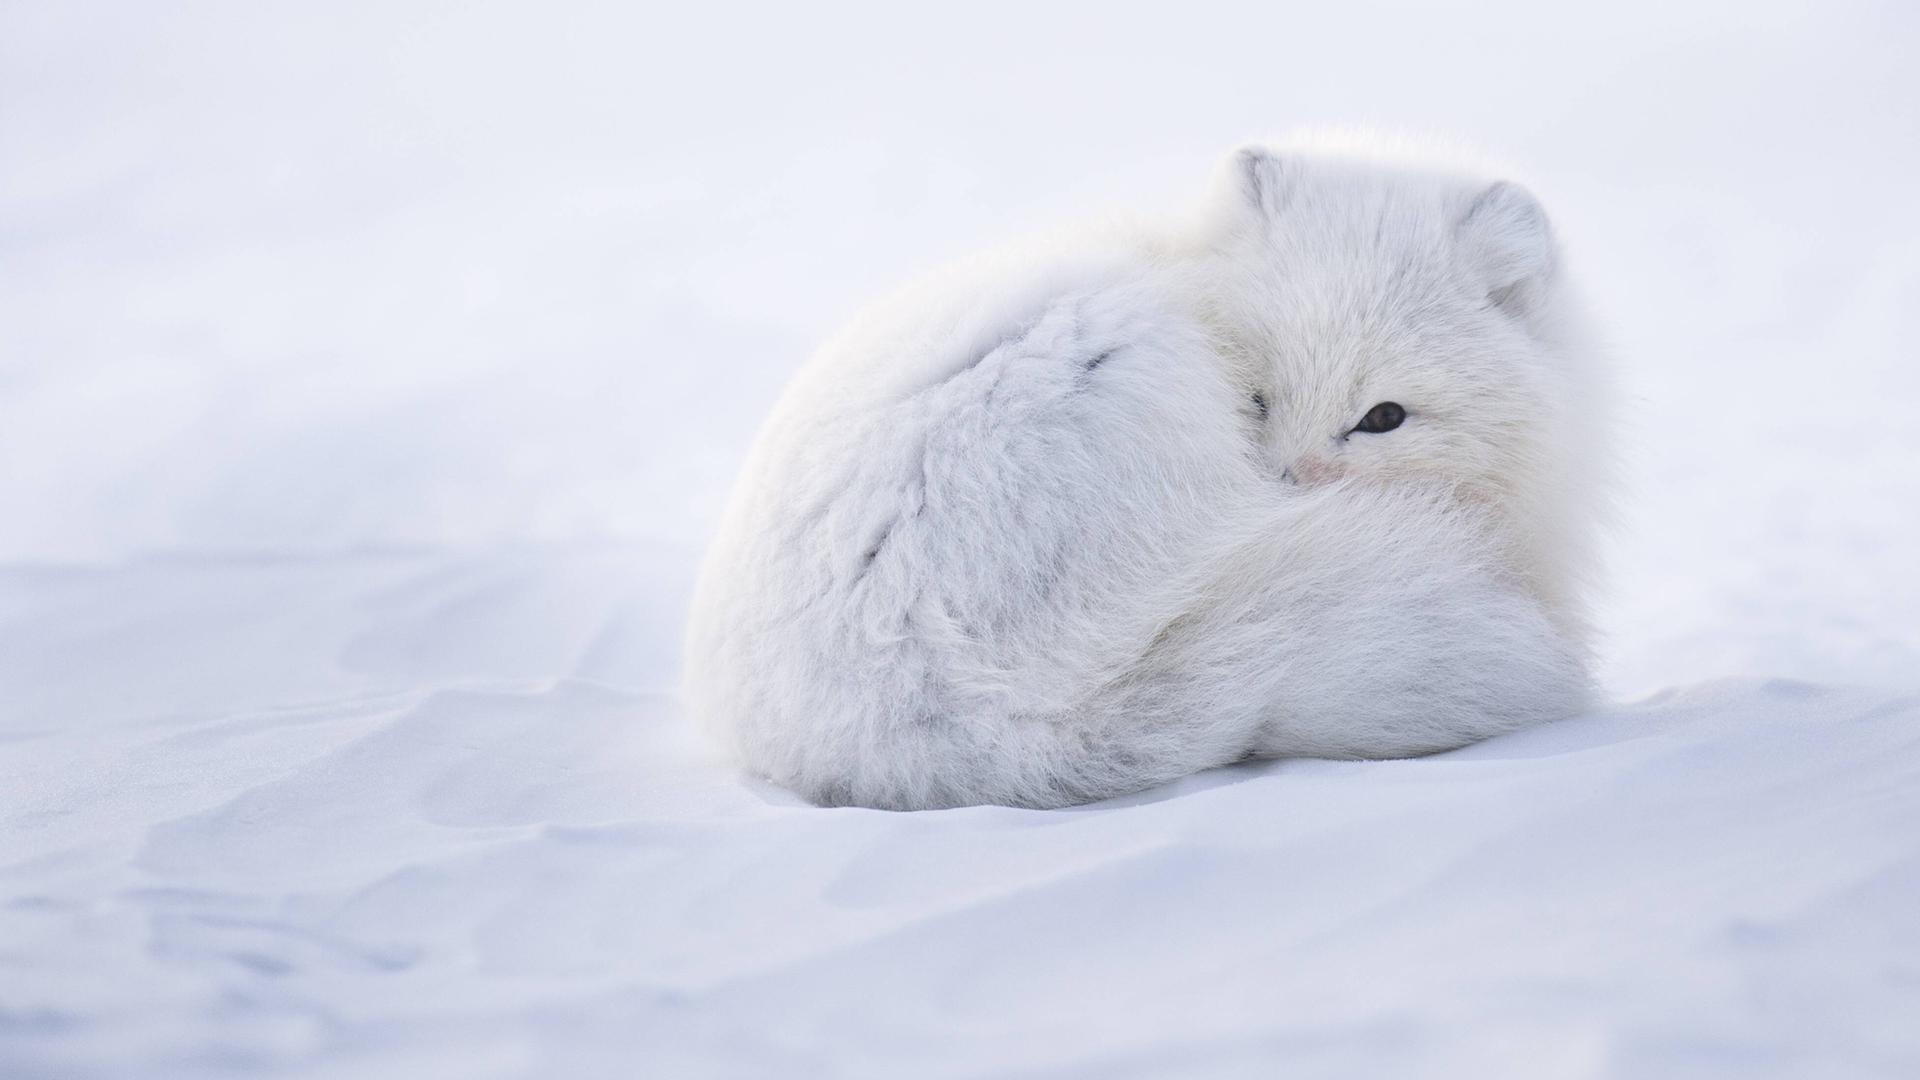 Ganz und zu Extrem Tiere der Arktis - ZDFmediathek &CG_63